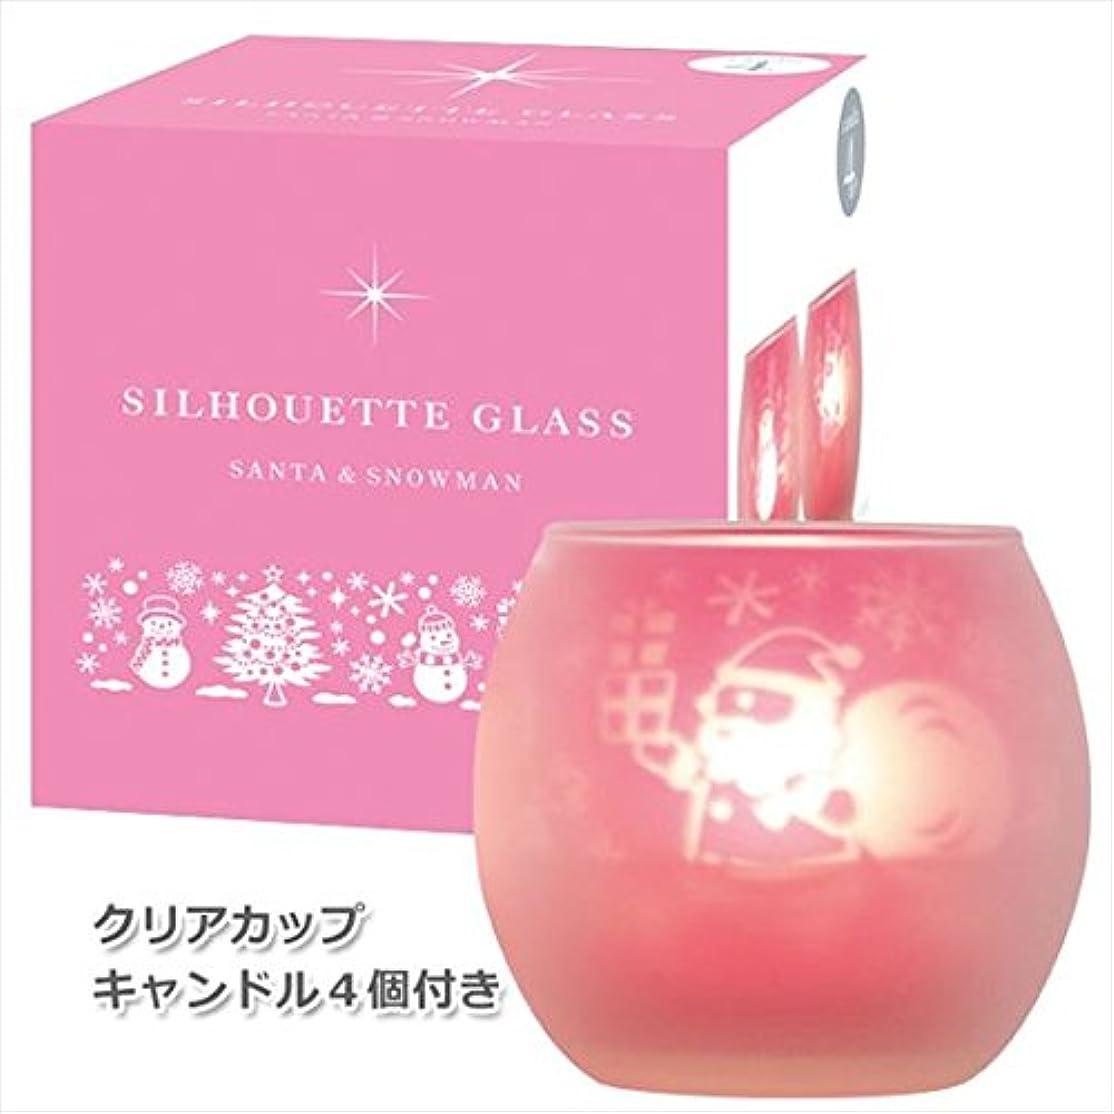 分オリエント困惑したカメヤマキャンドル(kameyama candle) サンタ&スノーマンシルエットグラス【キャンドル4個付き】